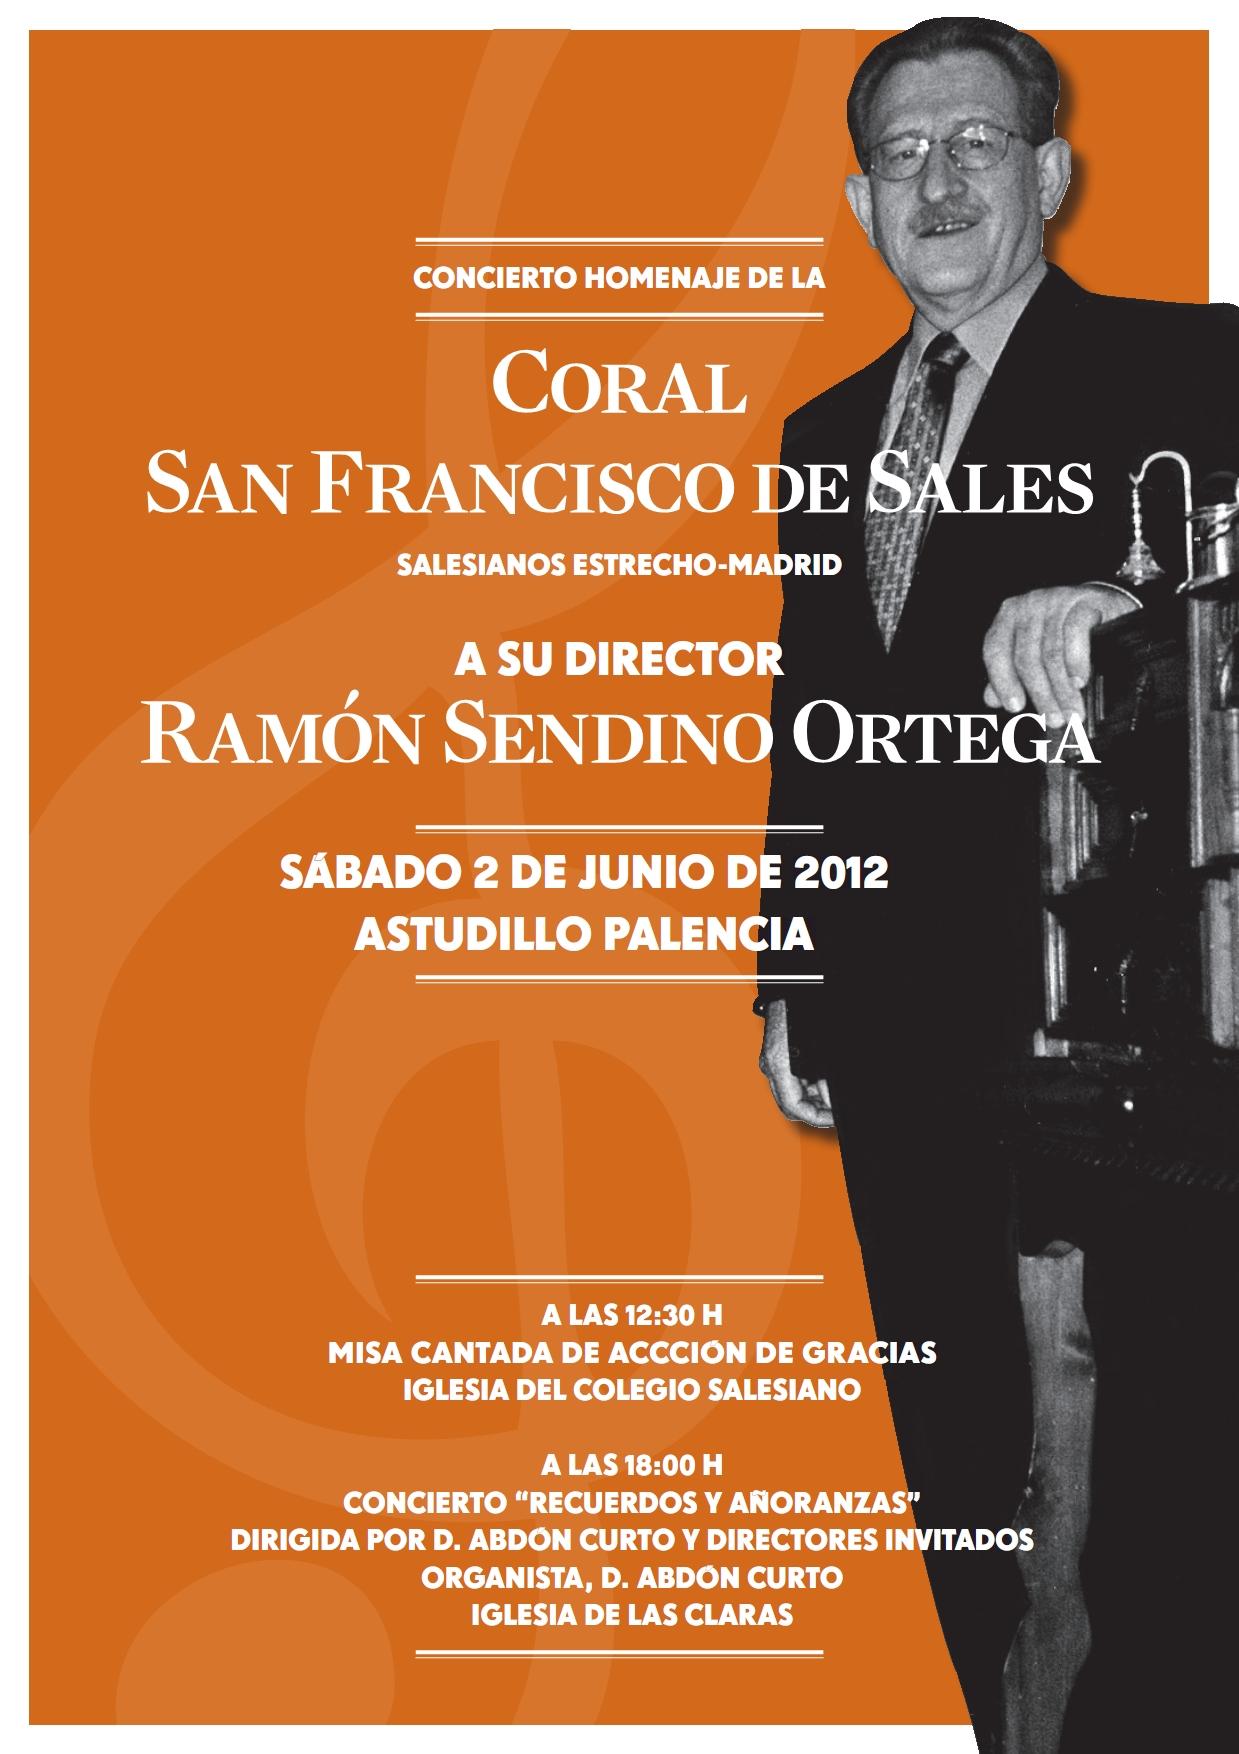 Concierto Homenaje Ramón Sendino Ortega